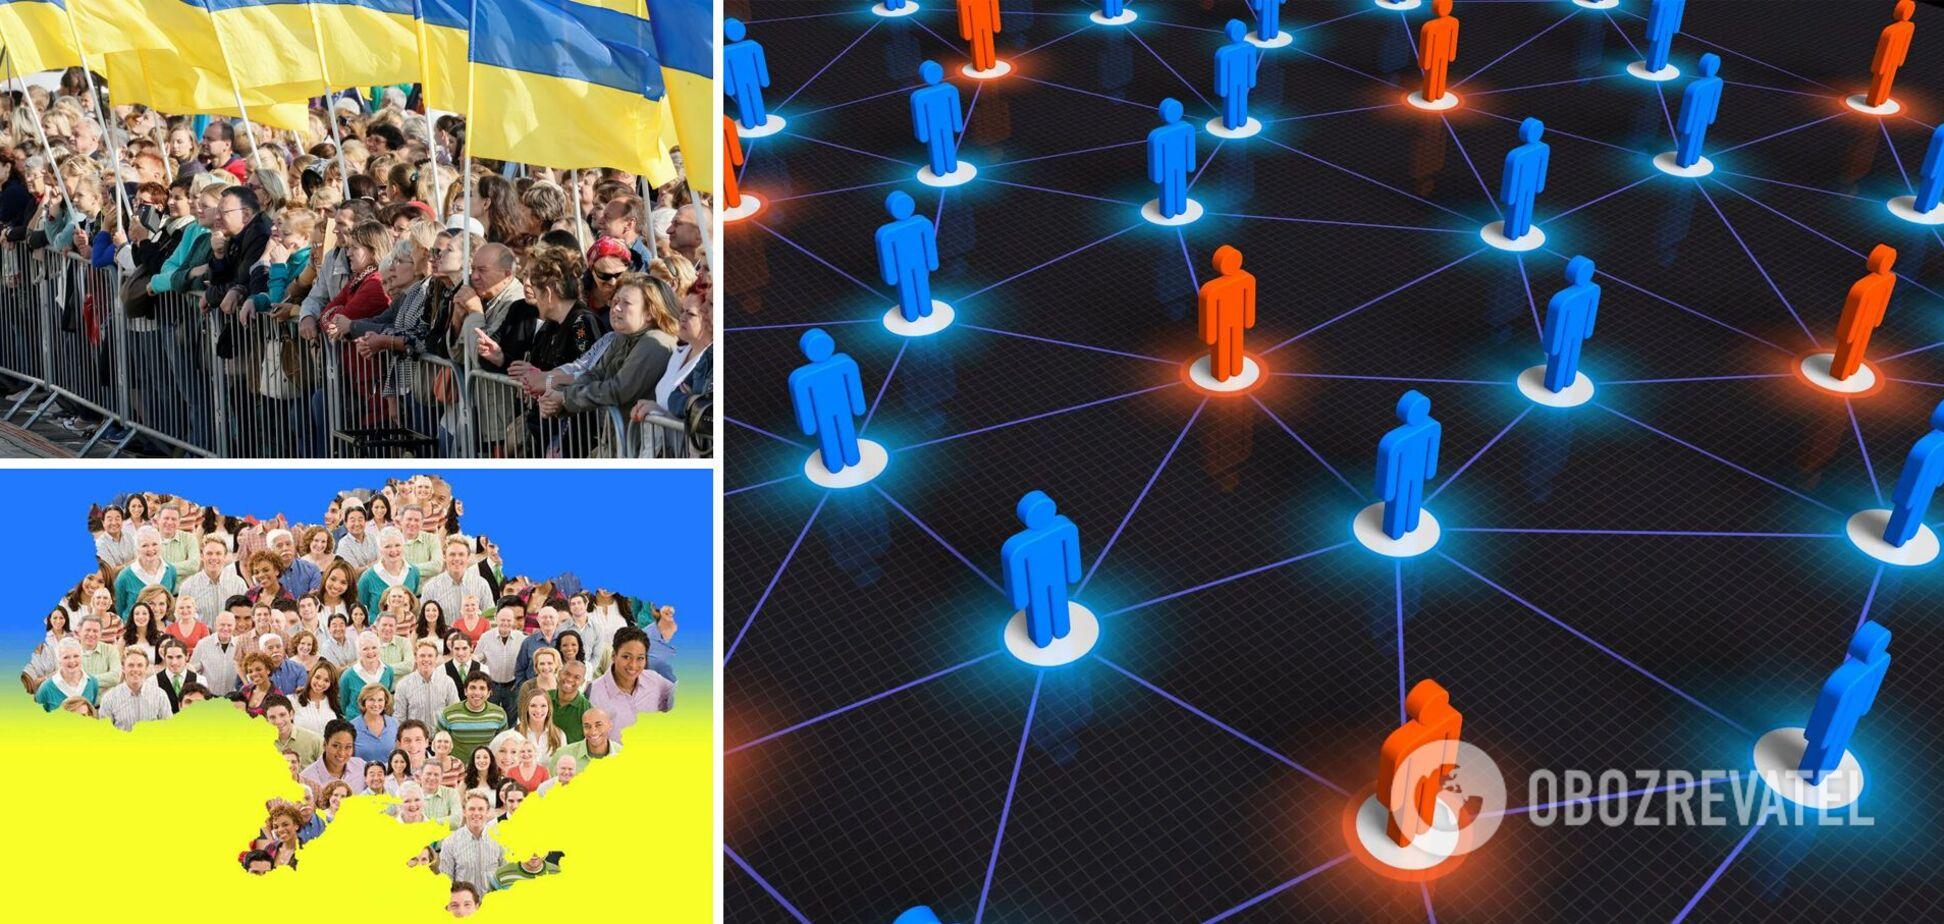 Перепись населения в Украине планируют провести в 2023 году